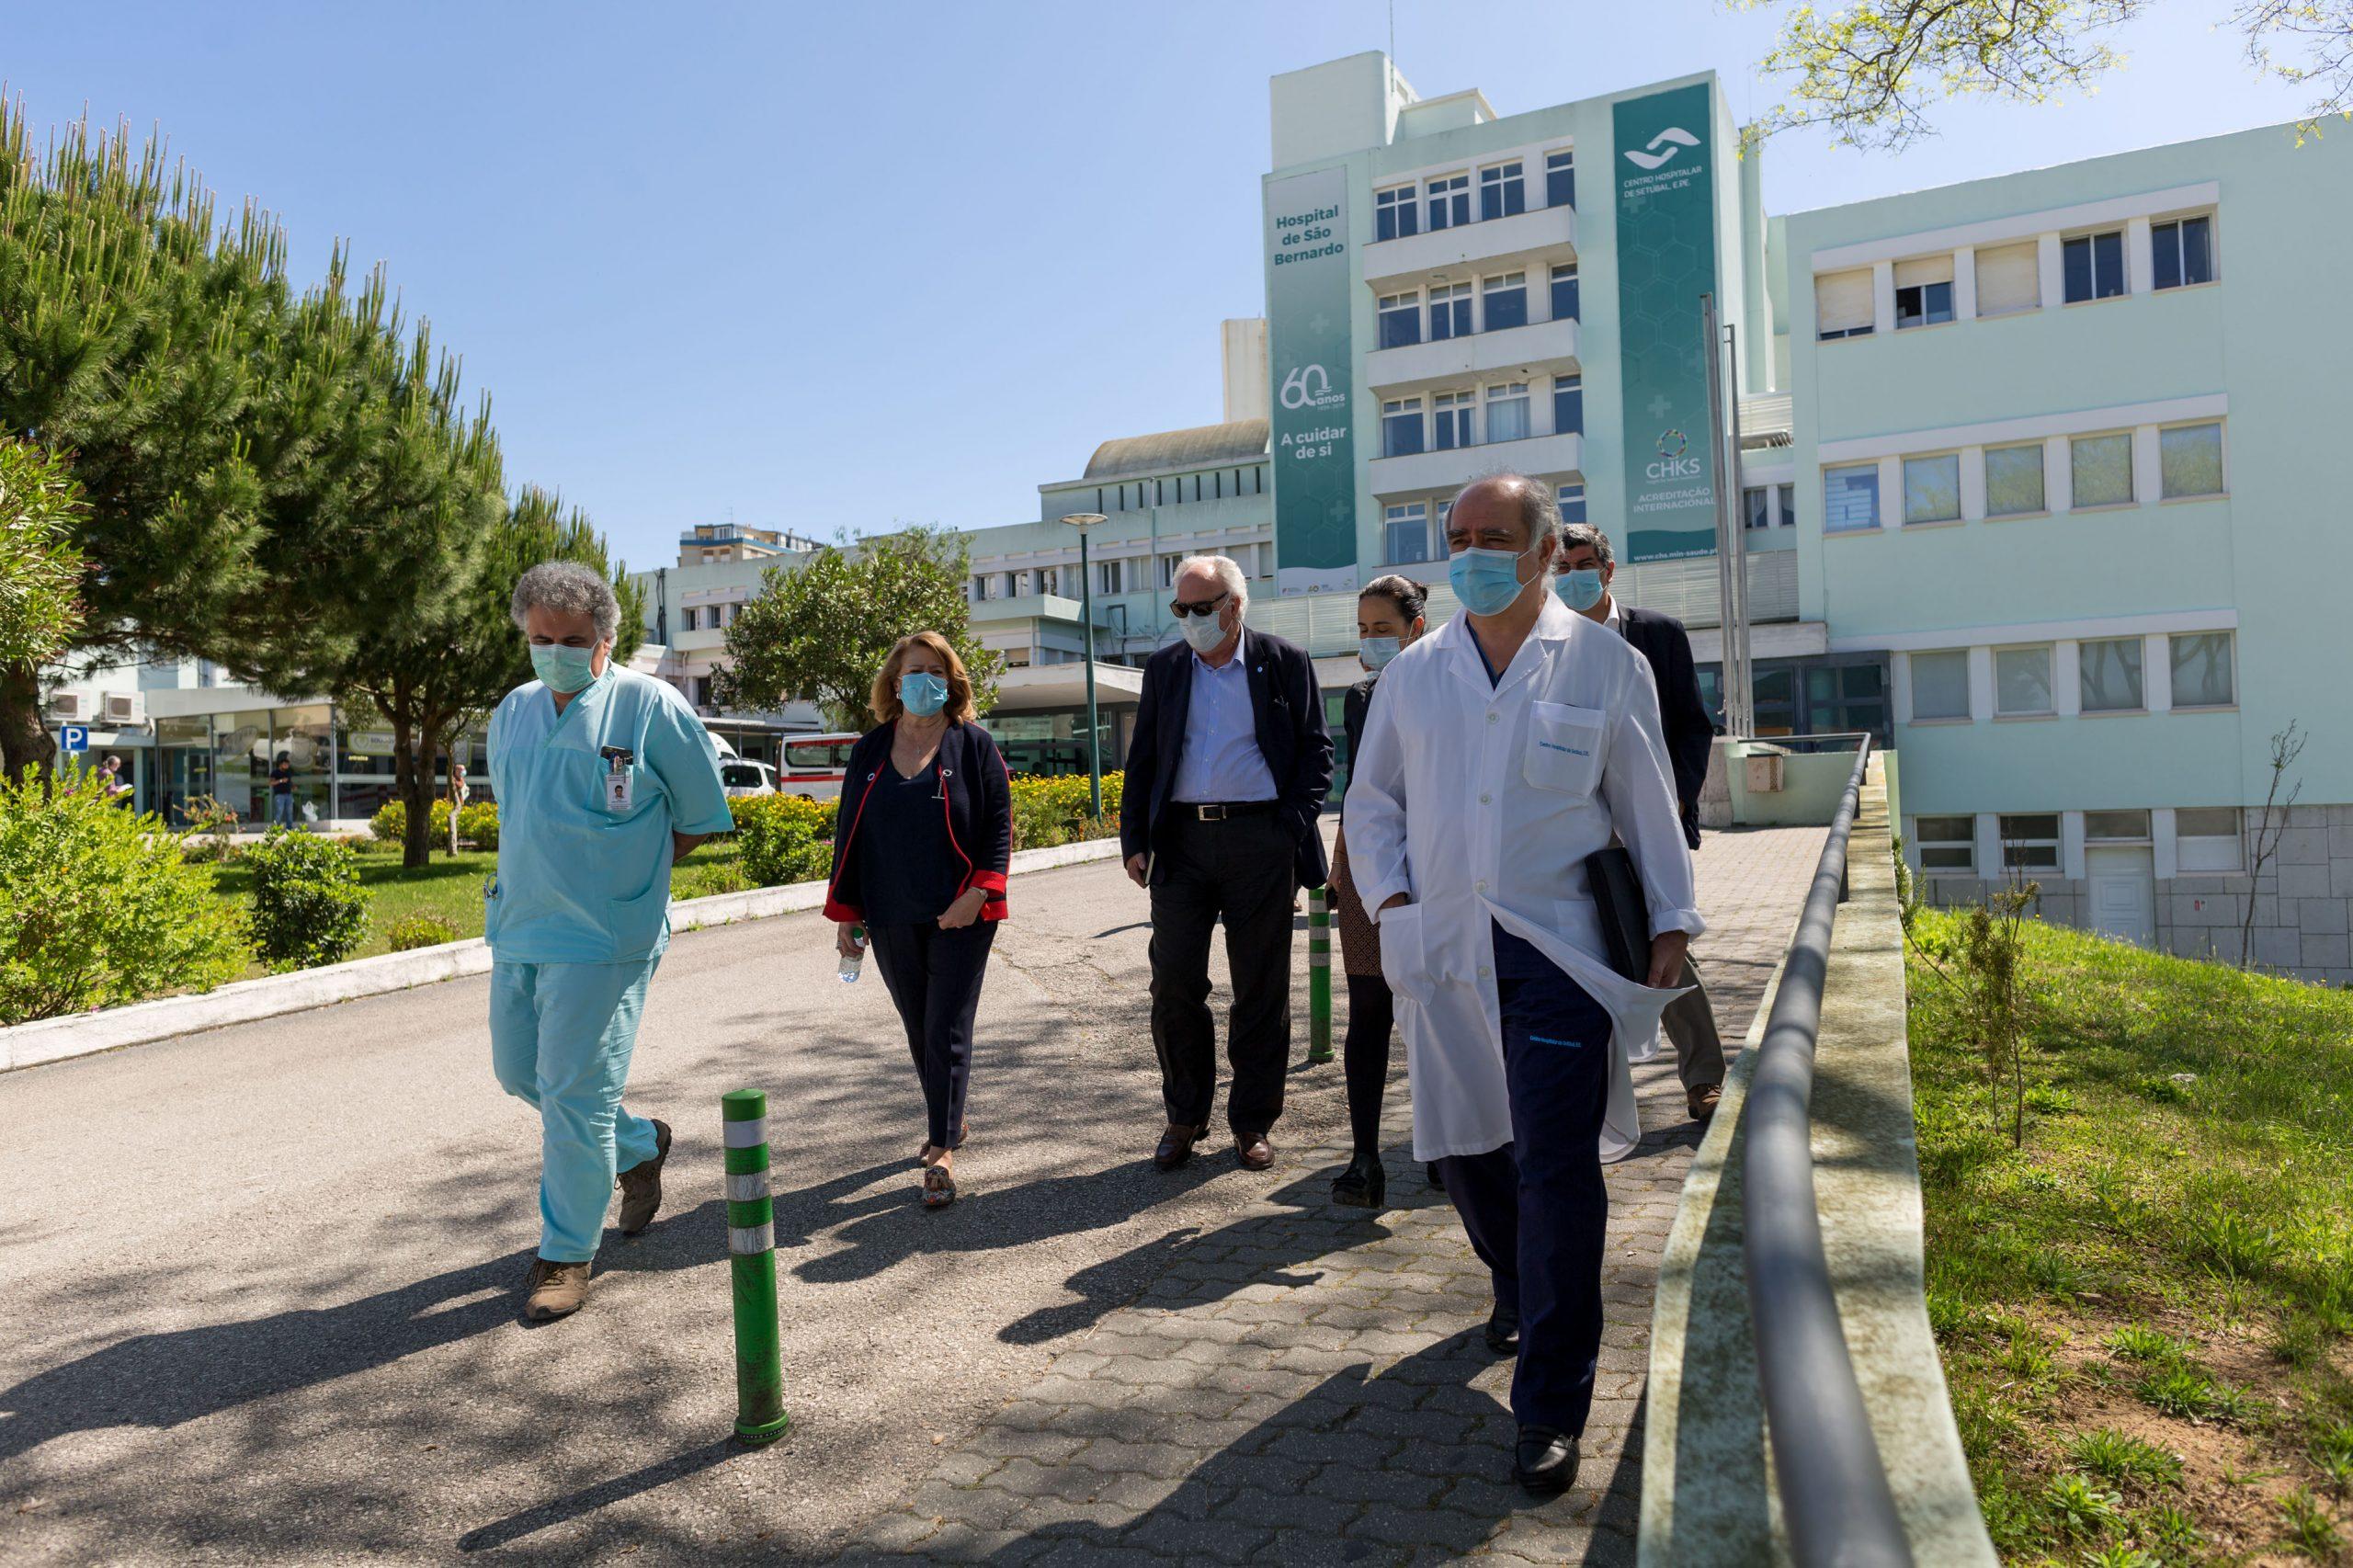 Coronavírus Covid-19 | visitas instituições - CHS